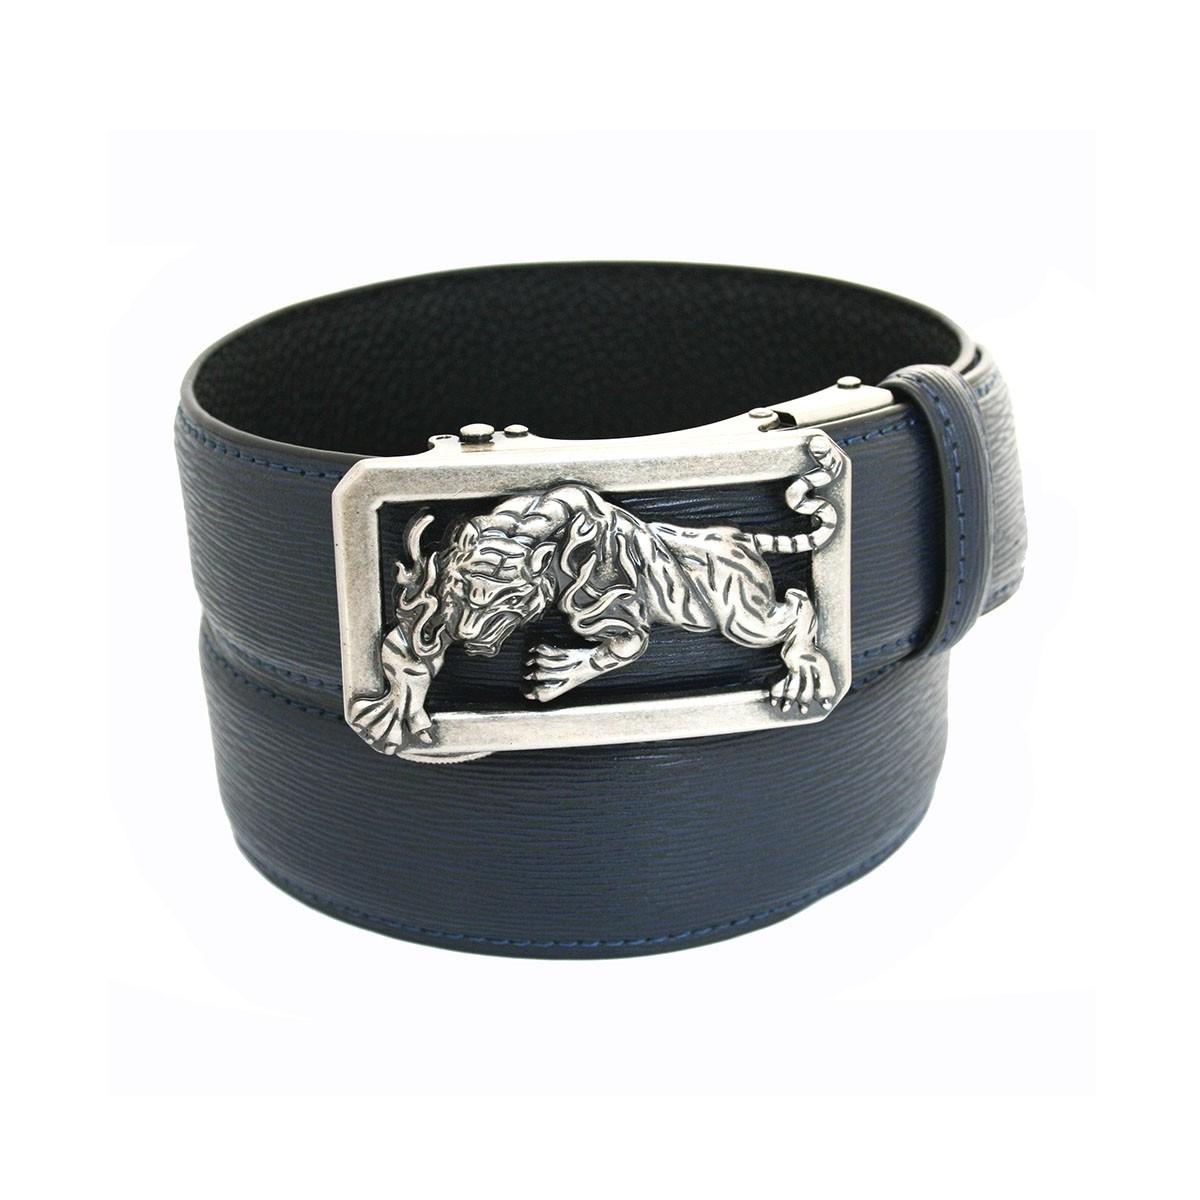 Ceinture noire en cuir homme lanière et boucle tigre